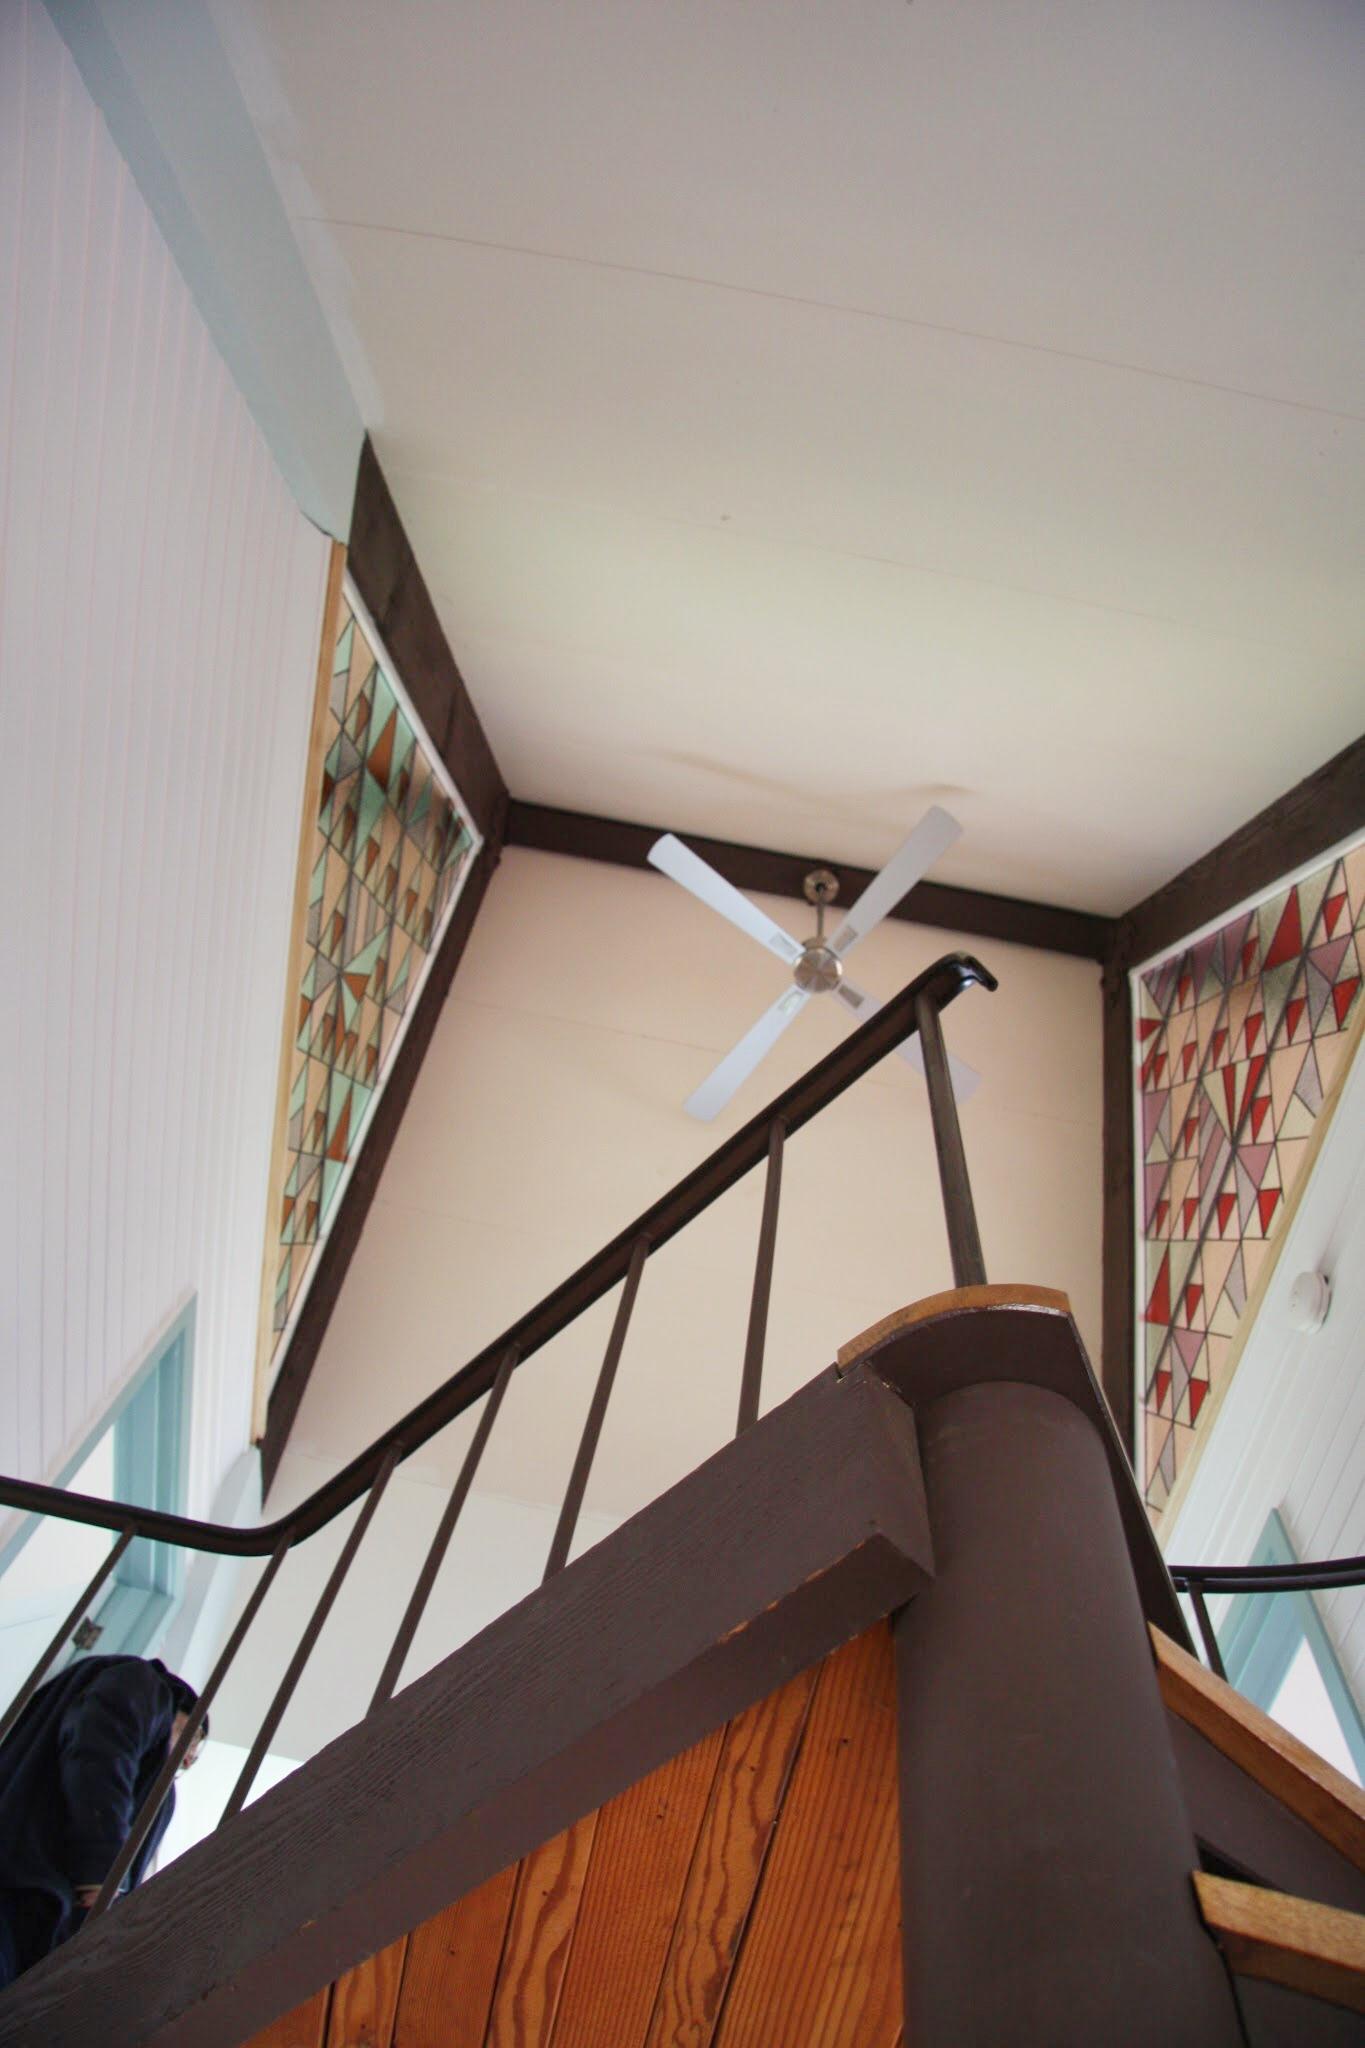 Modern Geometric Leadlight Pair viewed from below